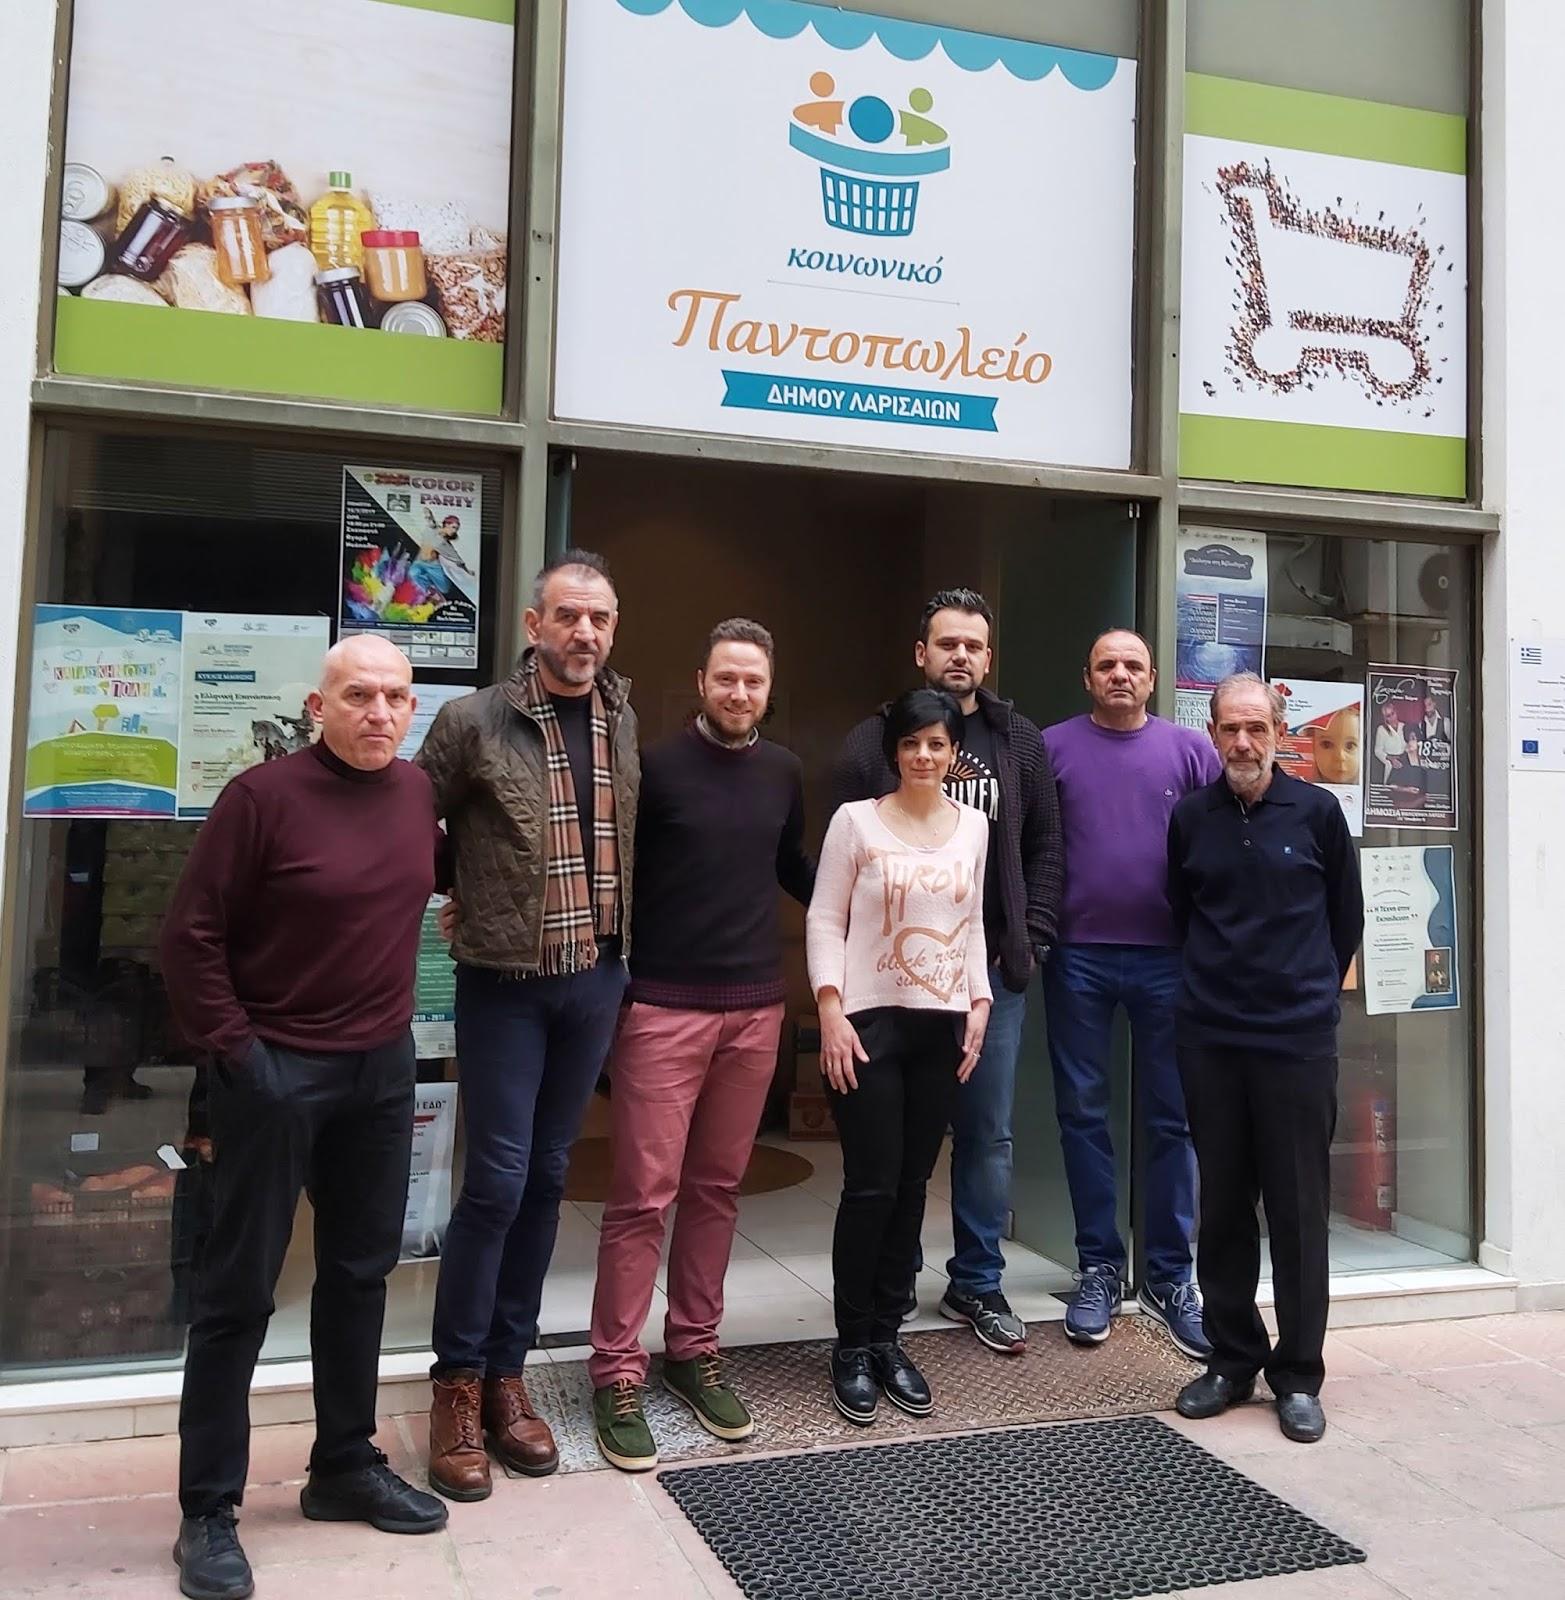 Τρόφιμα από τον Σύλλογο Μαραθωνοδρόμων στο Κοινωνικό Παντοπωλείο Λάρισας